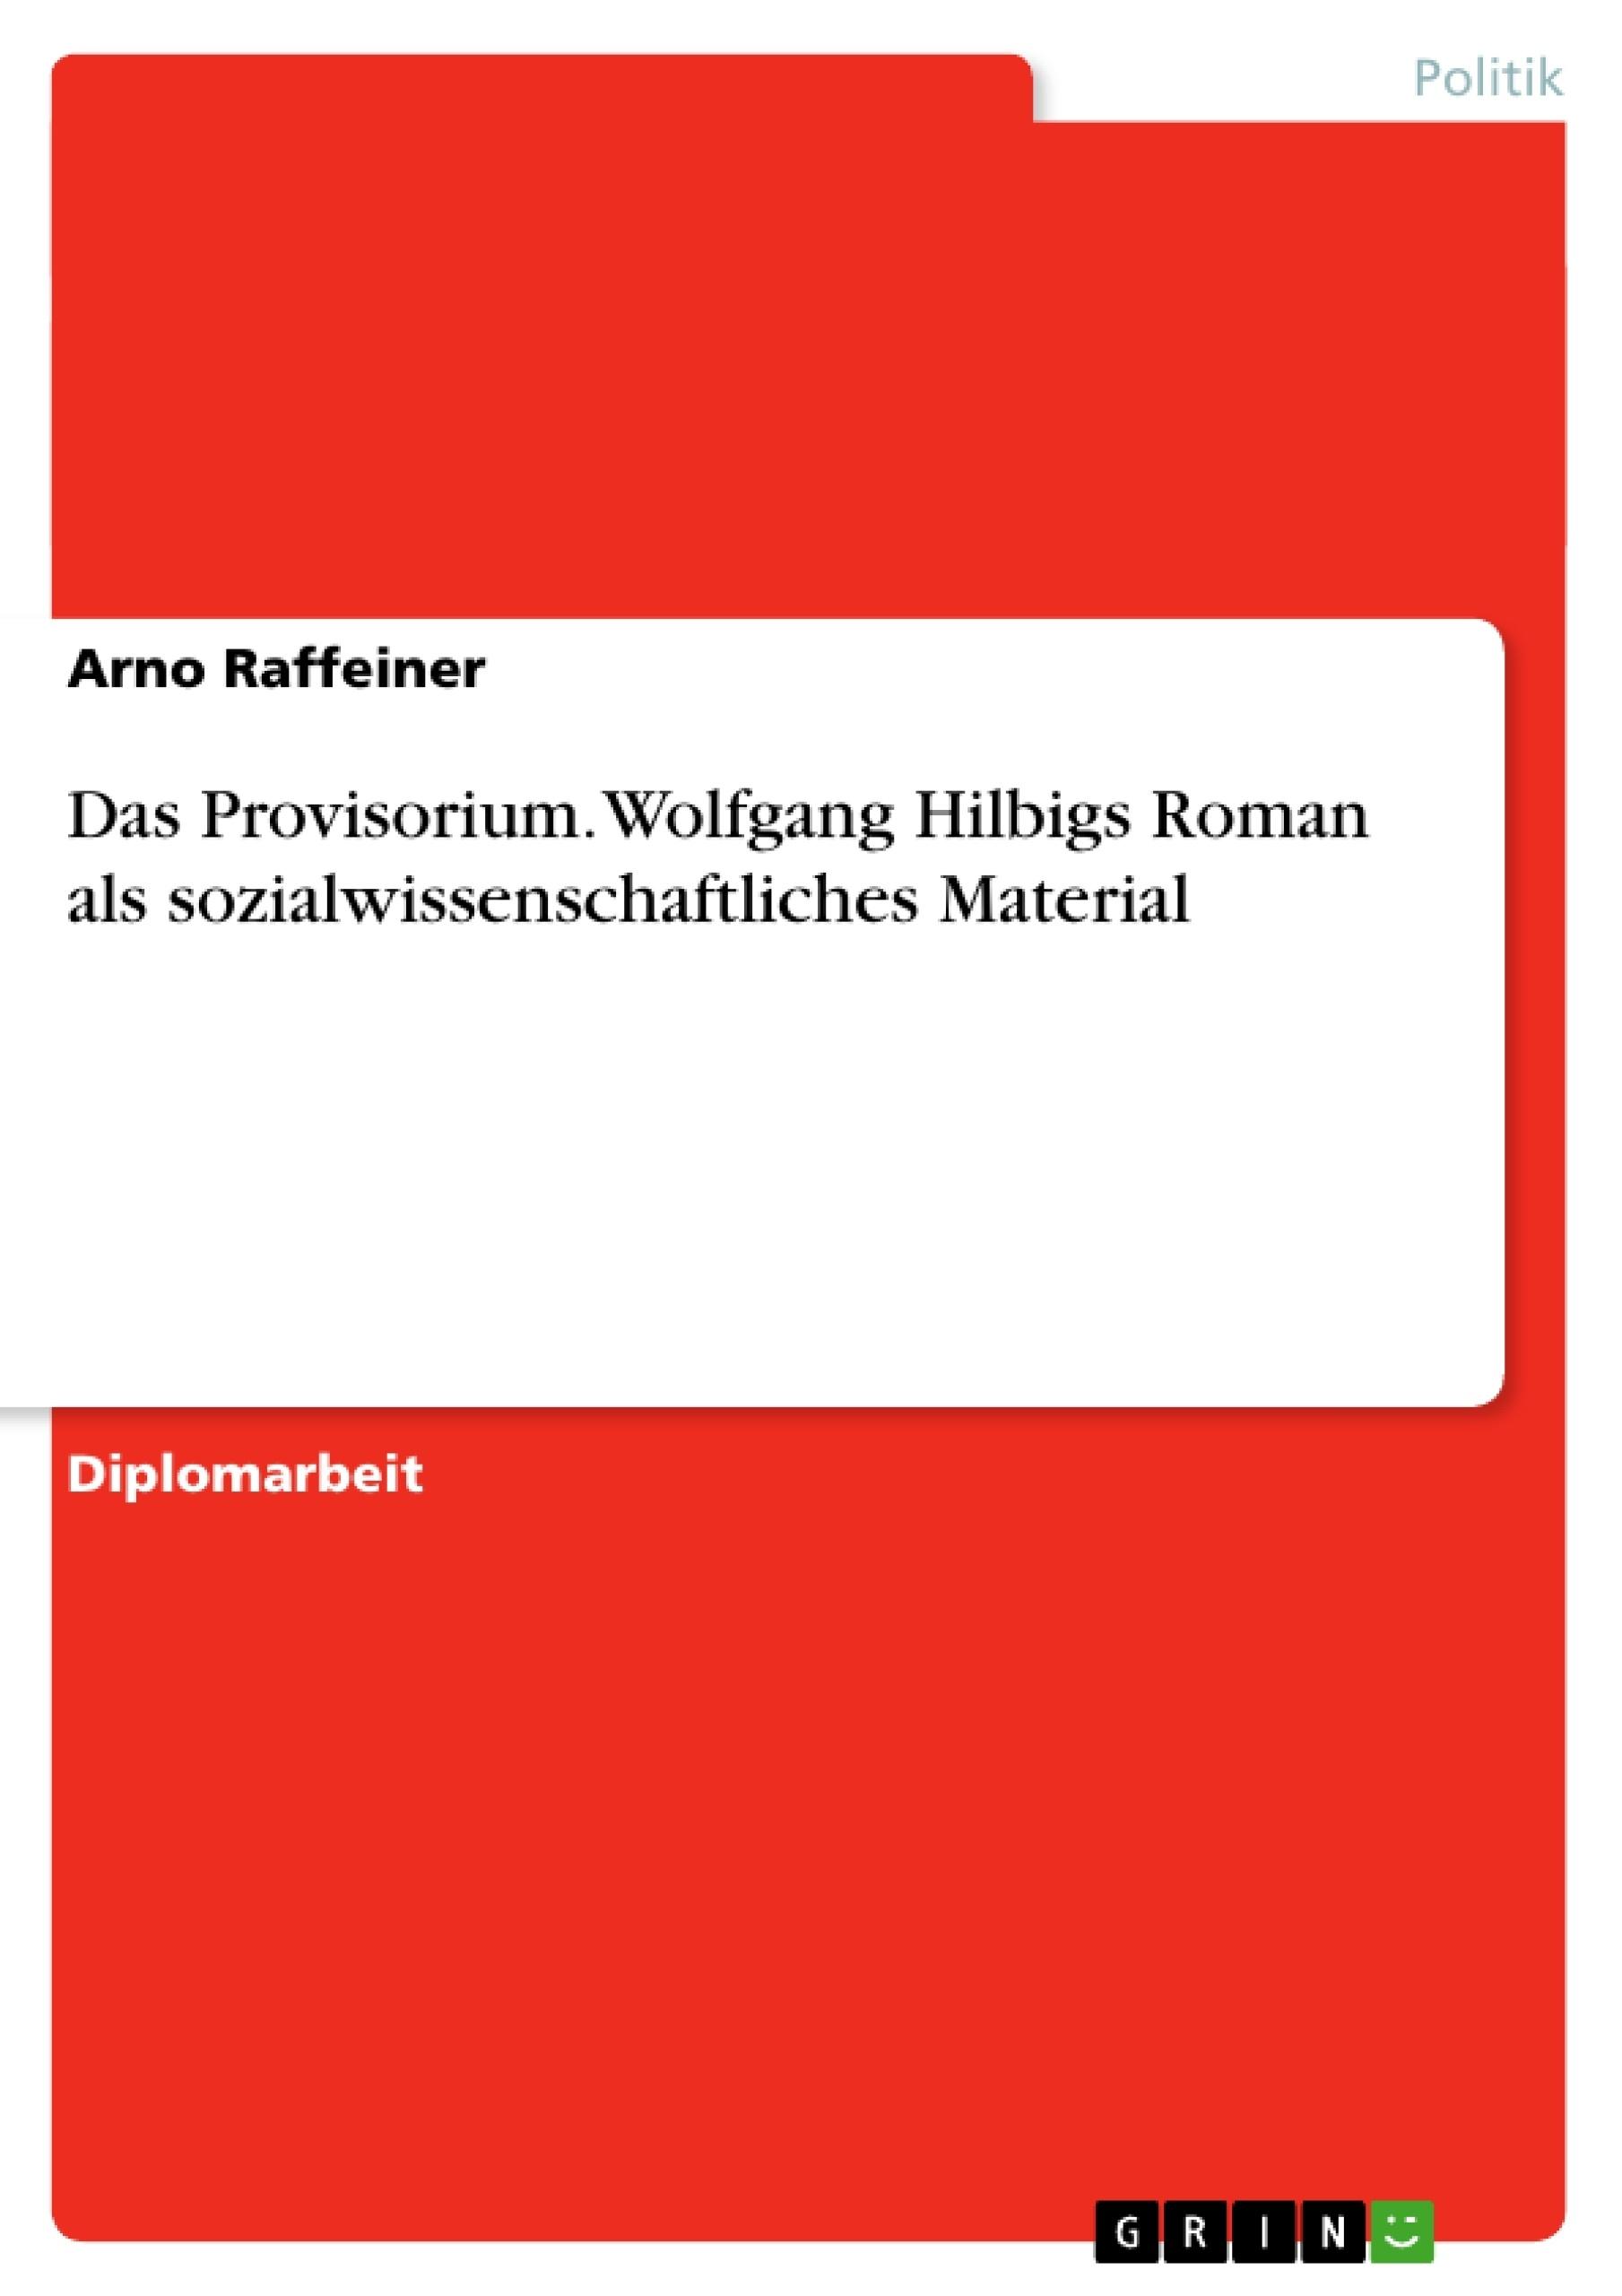 Titel: Das Provisorium.  Wolfgang Hilbigs Roman als sozialwissenschaftliches Material